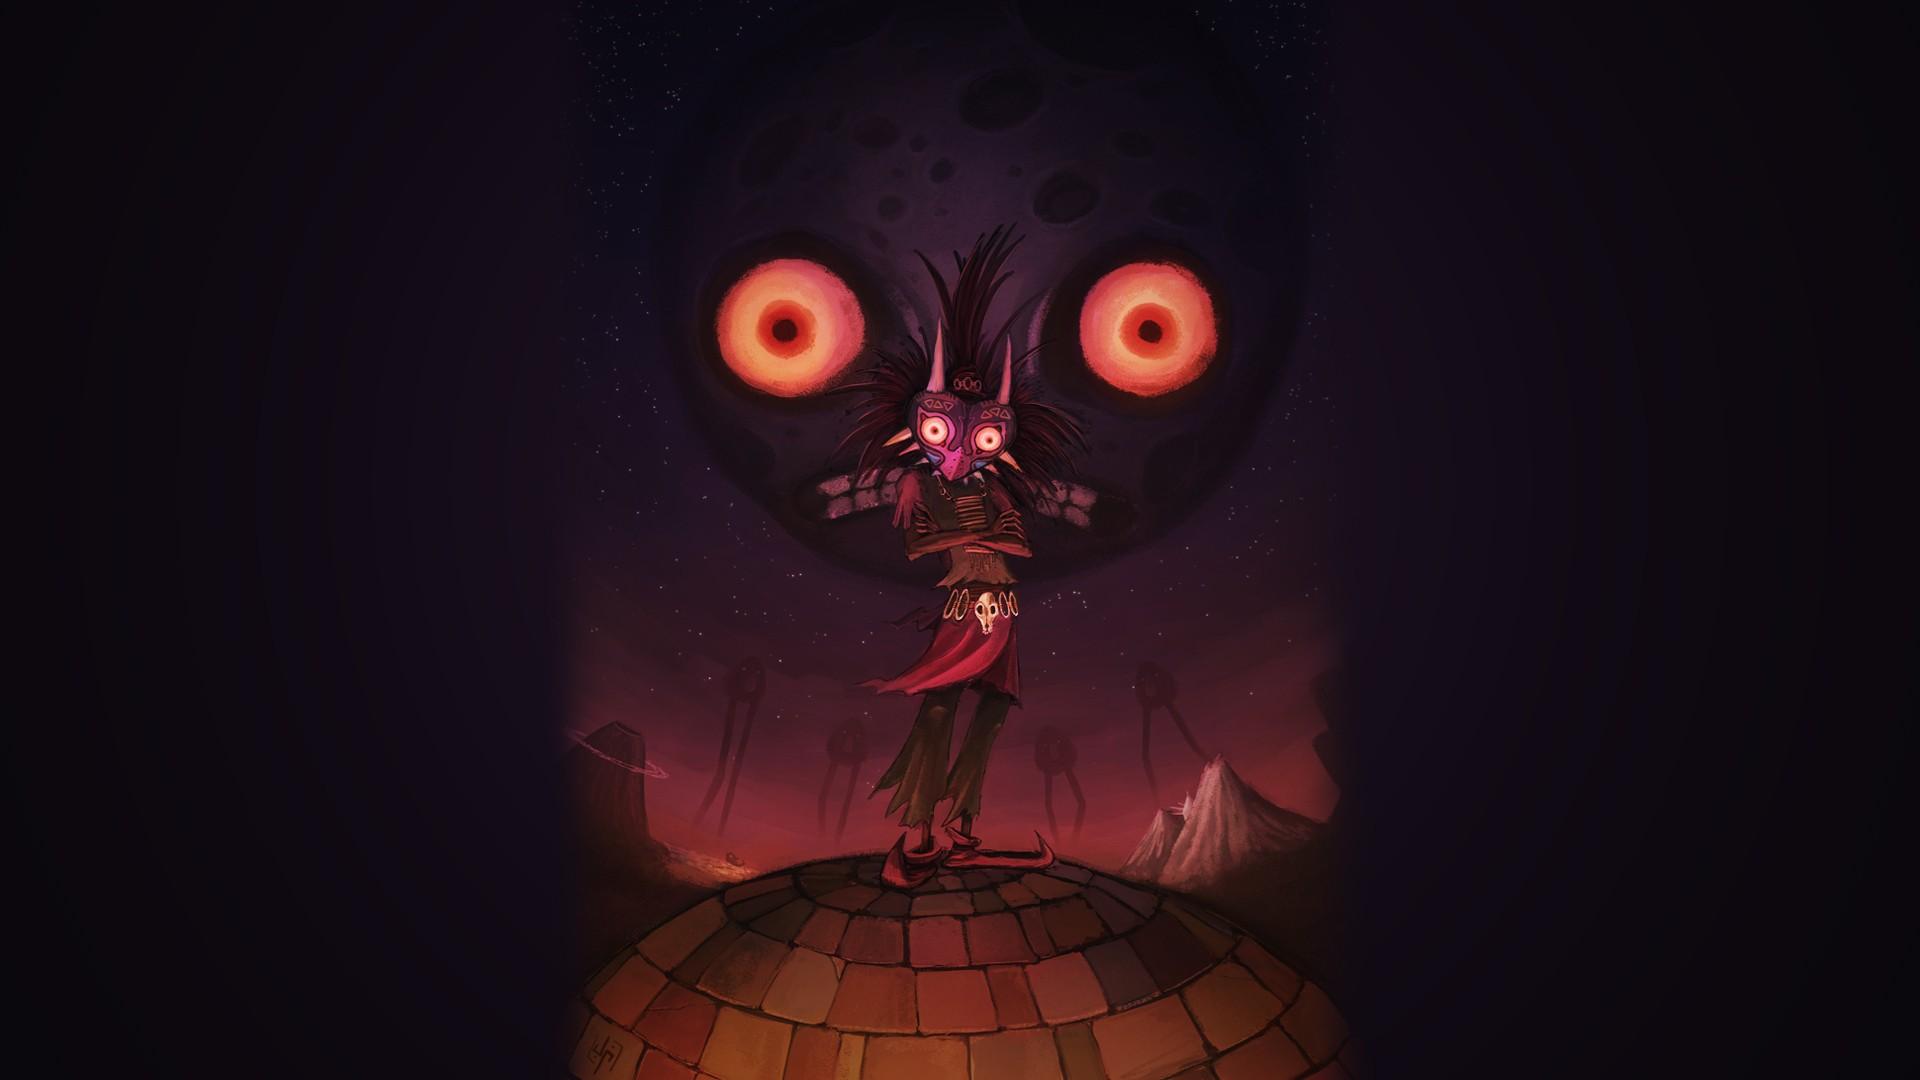 Zelda Majoras Mask Skull Kid fantasy wallpaper 1920x1080 117424 1920x1080